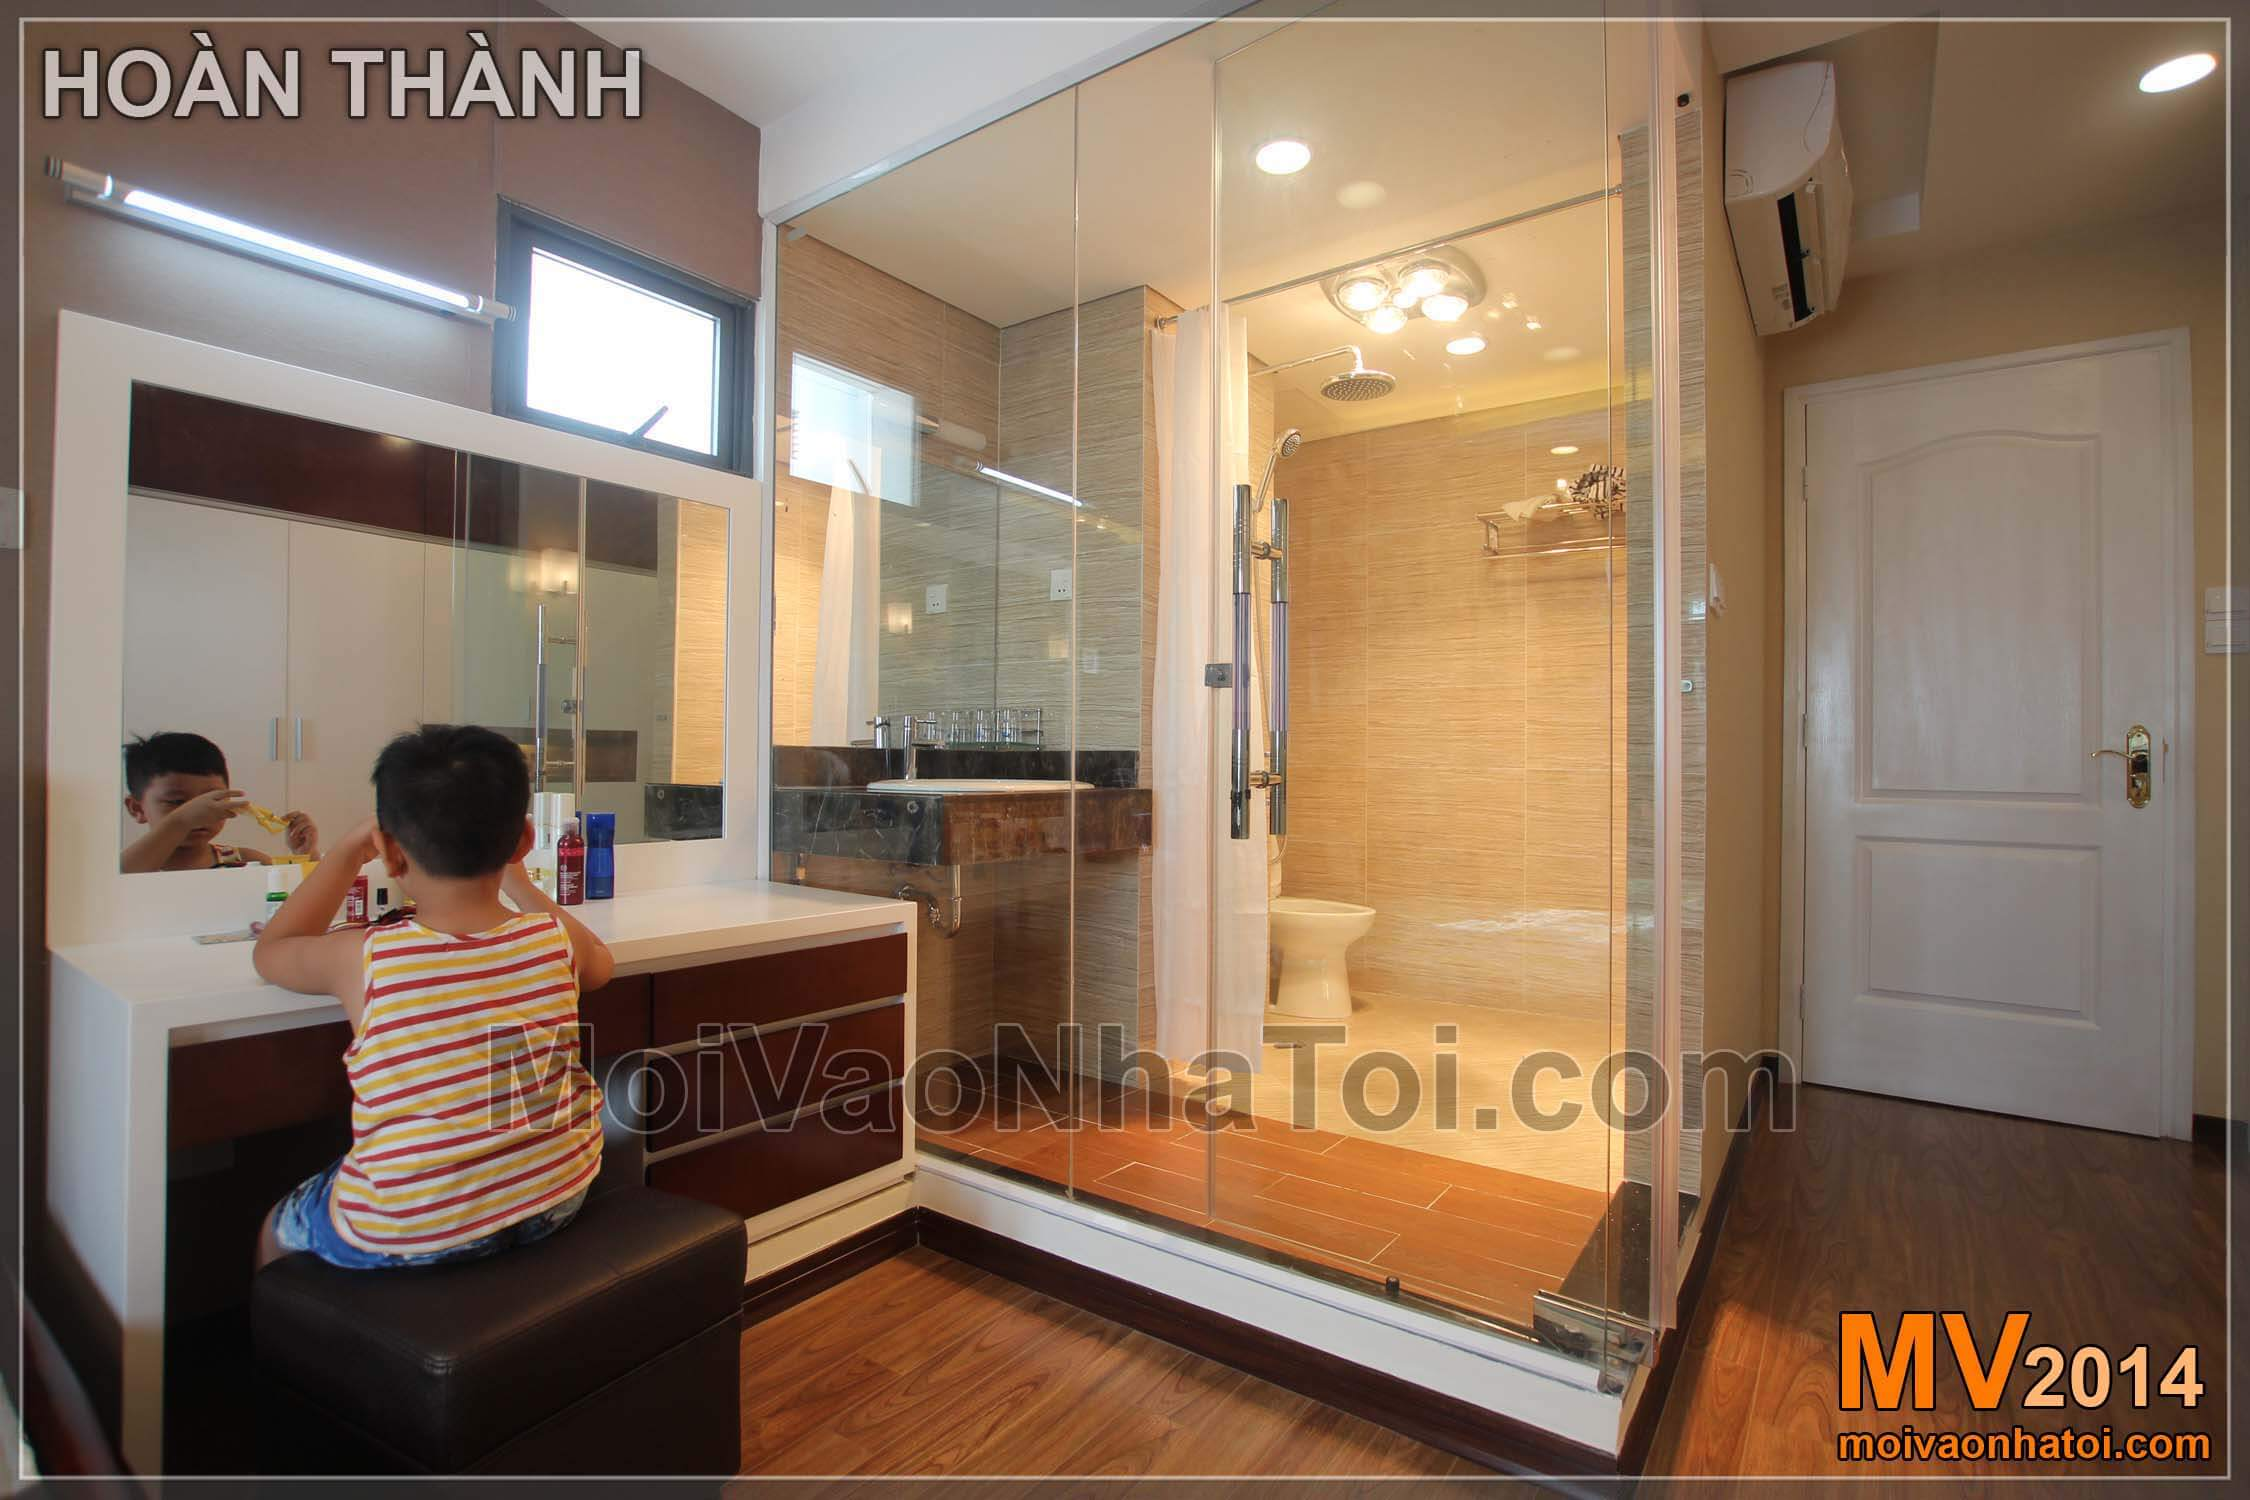 phòng vệ sinh vách kính trong phòng master chung cư mulberrylane